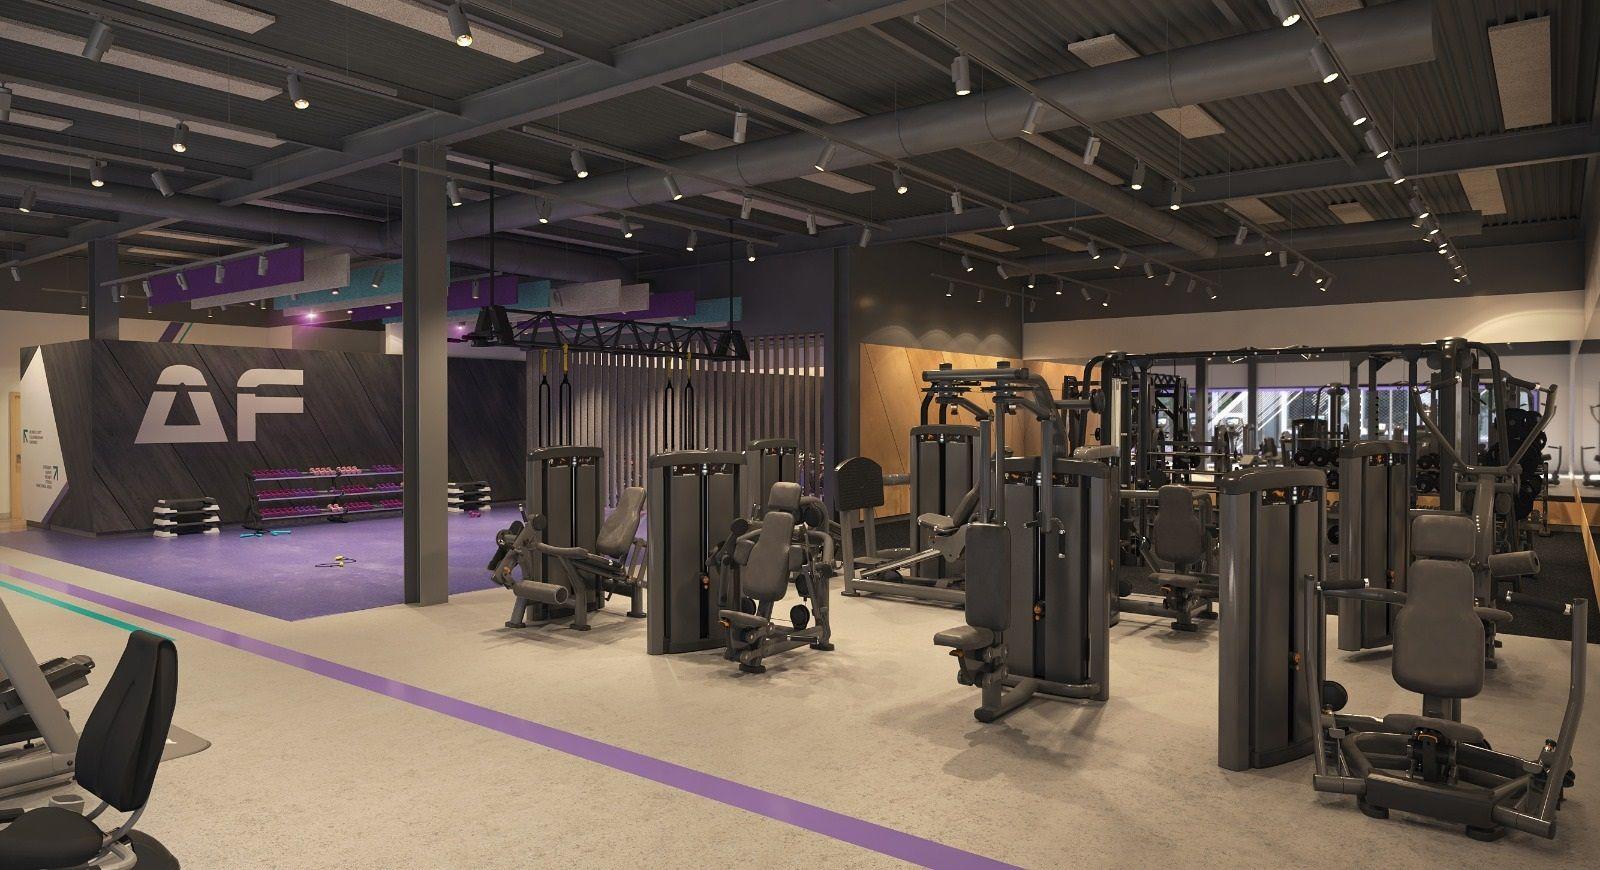 Anytime Fitness, elegida mejor franquicia fitness en el mundo por la revista Entrepreneur